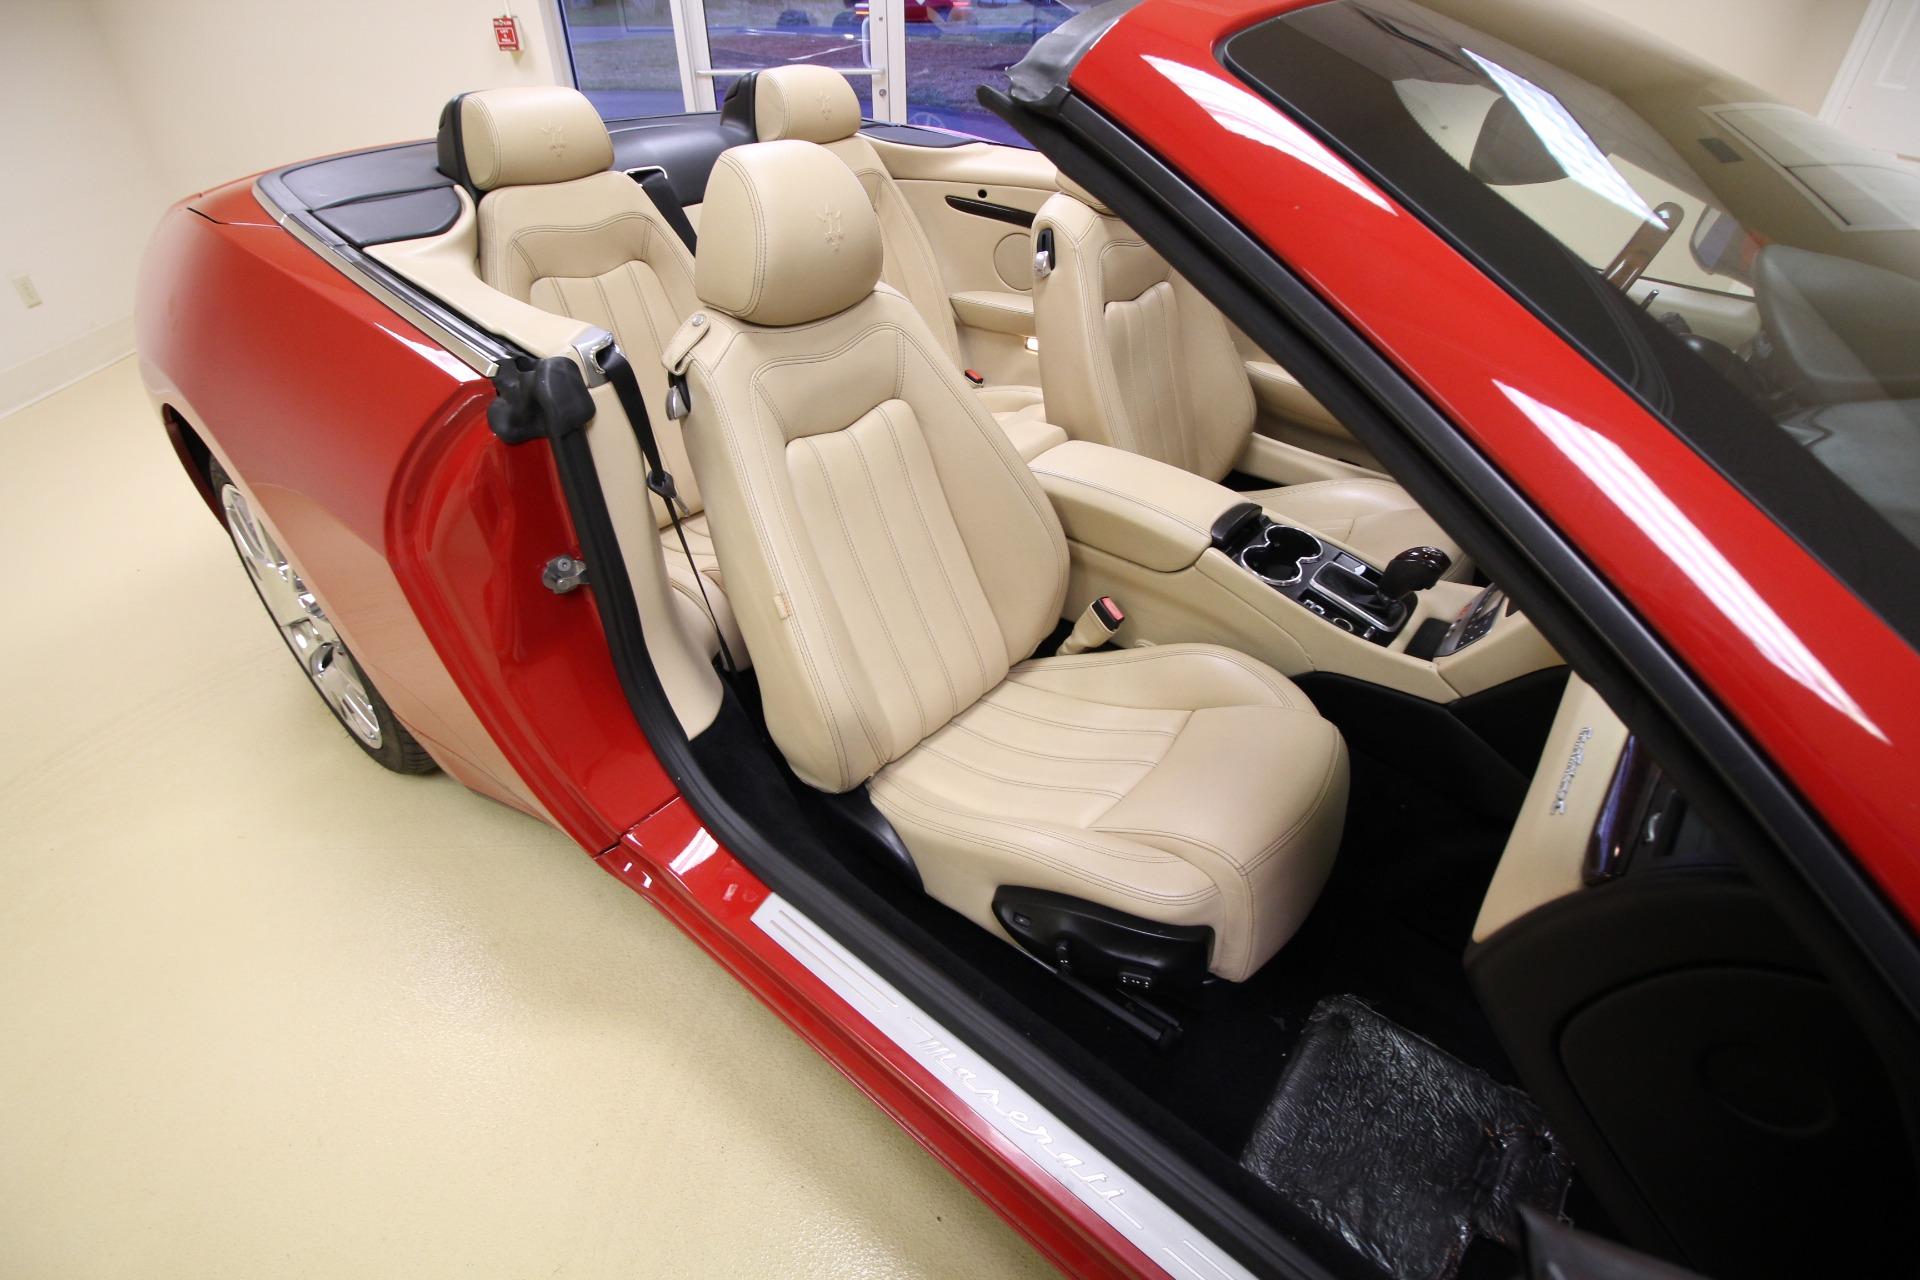 Used 2010 Maserati GranTurismo Convertible VERY RARE COLOR COMBO SUPERB CONDITION | Albany, NY